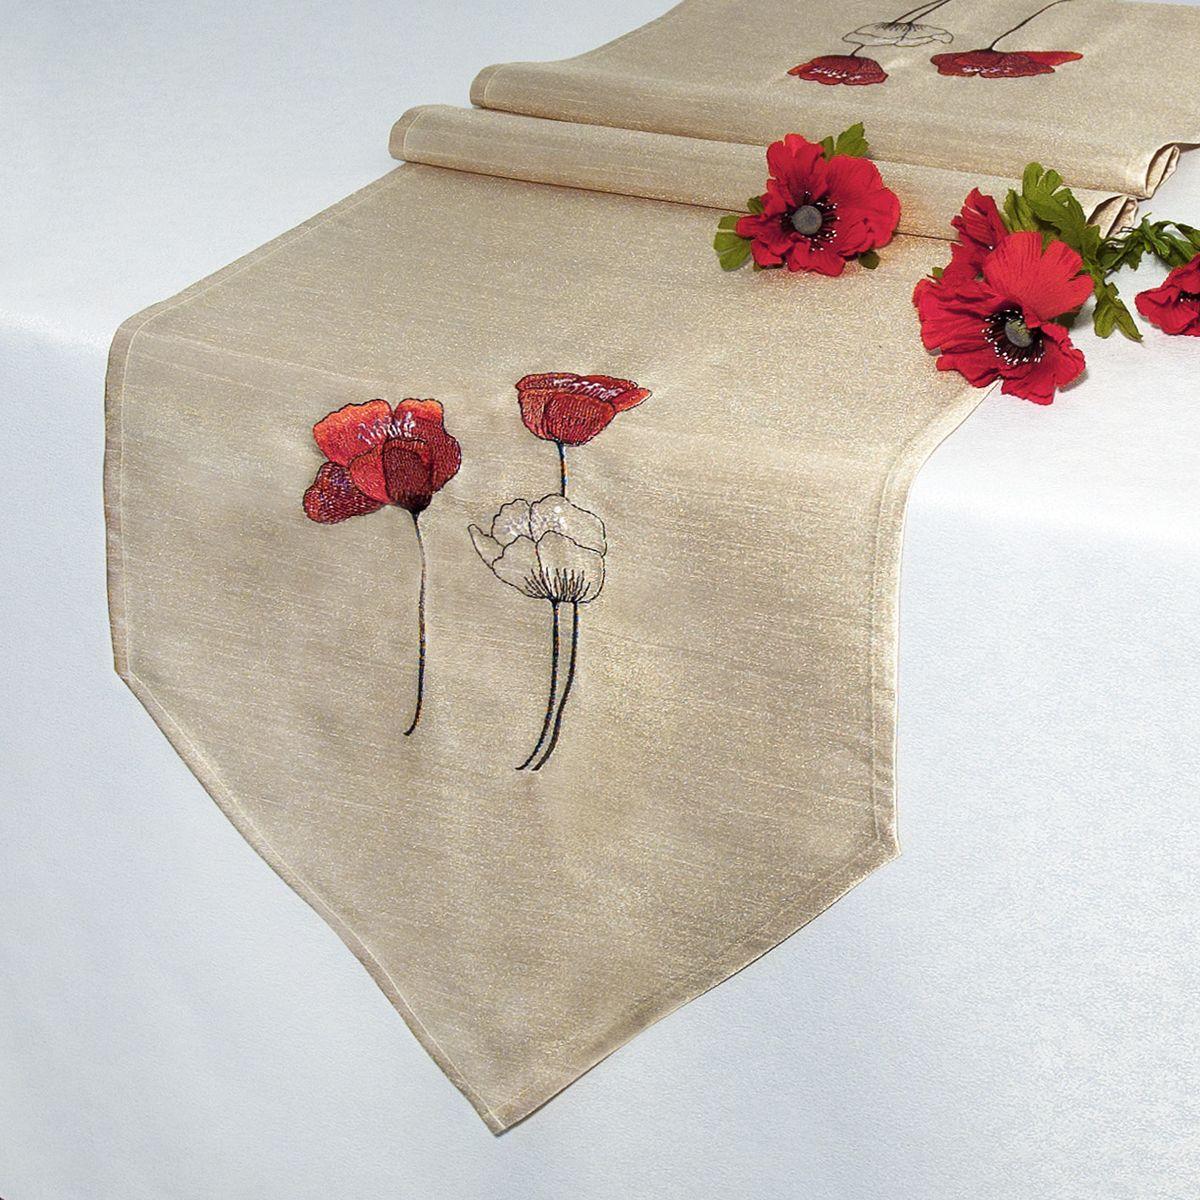 Дорожка для декорирования стола Schaefer, 40 x 160 см, цвет: бежевый. 07201-254FA-5125 WhiteДорожка для декорирования стола Schaefer может быть использована, как основной элемент, так и дополнение для создания уюта и романтического настроения.Дорожка выполнена из полиэстера. Изделие легко стирать: оно не мнется, не садится и быстро сохнет, более долговечно, чем изделие из натуральных волокон.Материал: 100% полиэстер.Размер: 40 x 160 см.